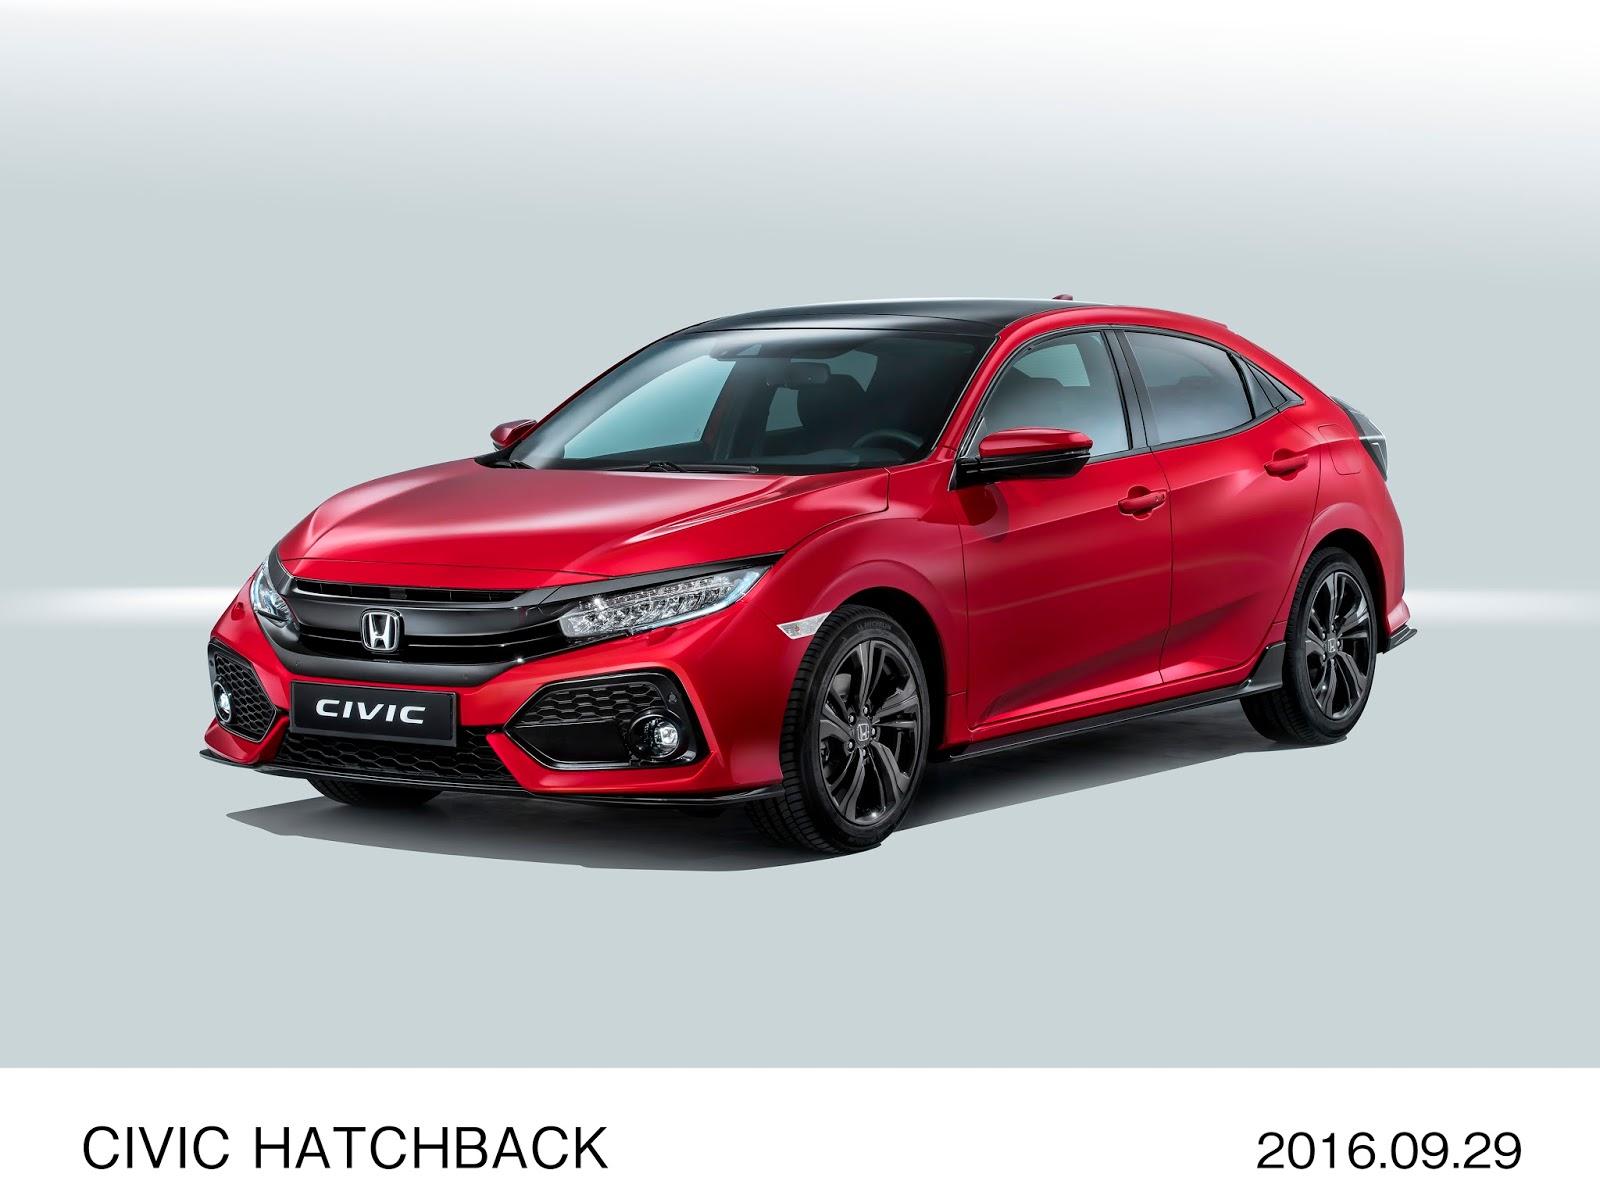 Η Honda πέτυχε ένα σημαντικό ορόσημο παγκόσμιας παραγωγής 100 εκατομμυρίων αυτοκινήτων